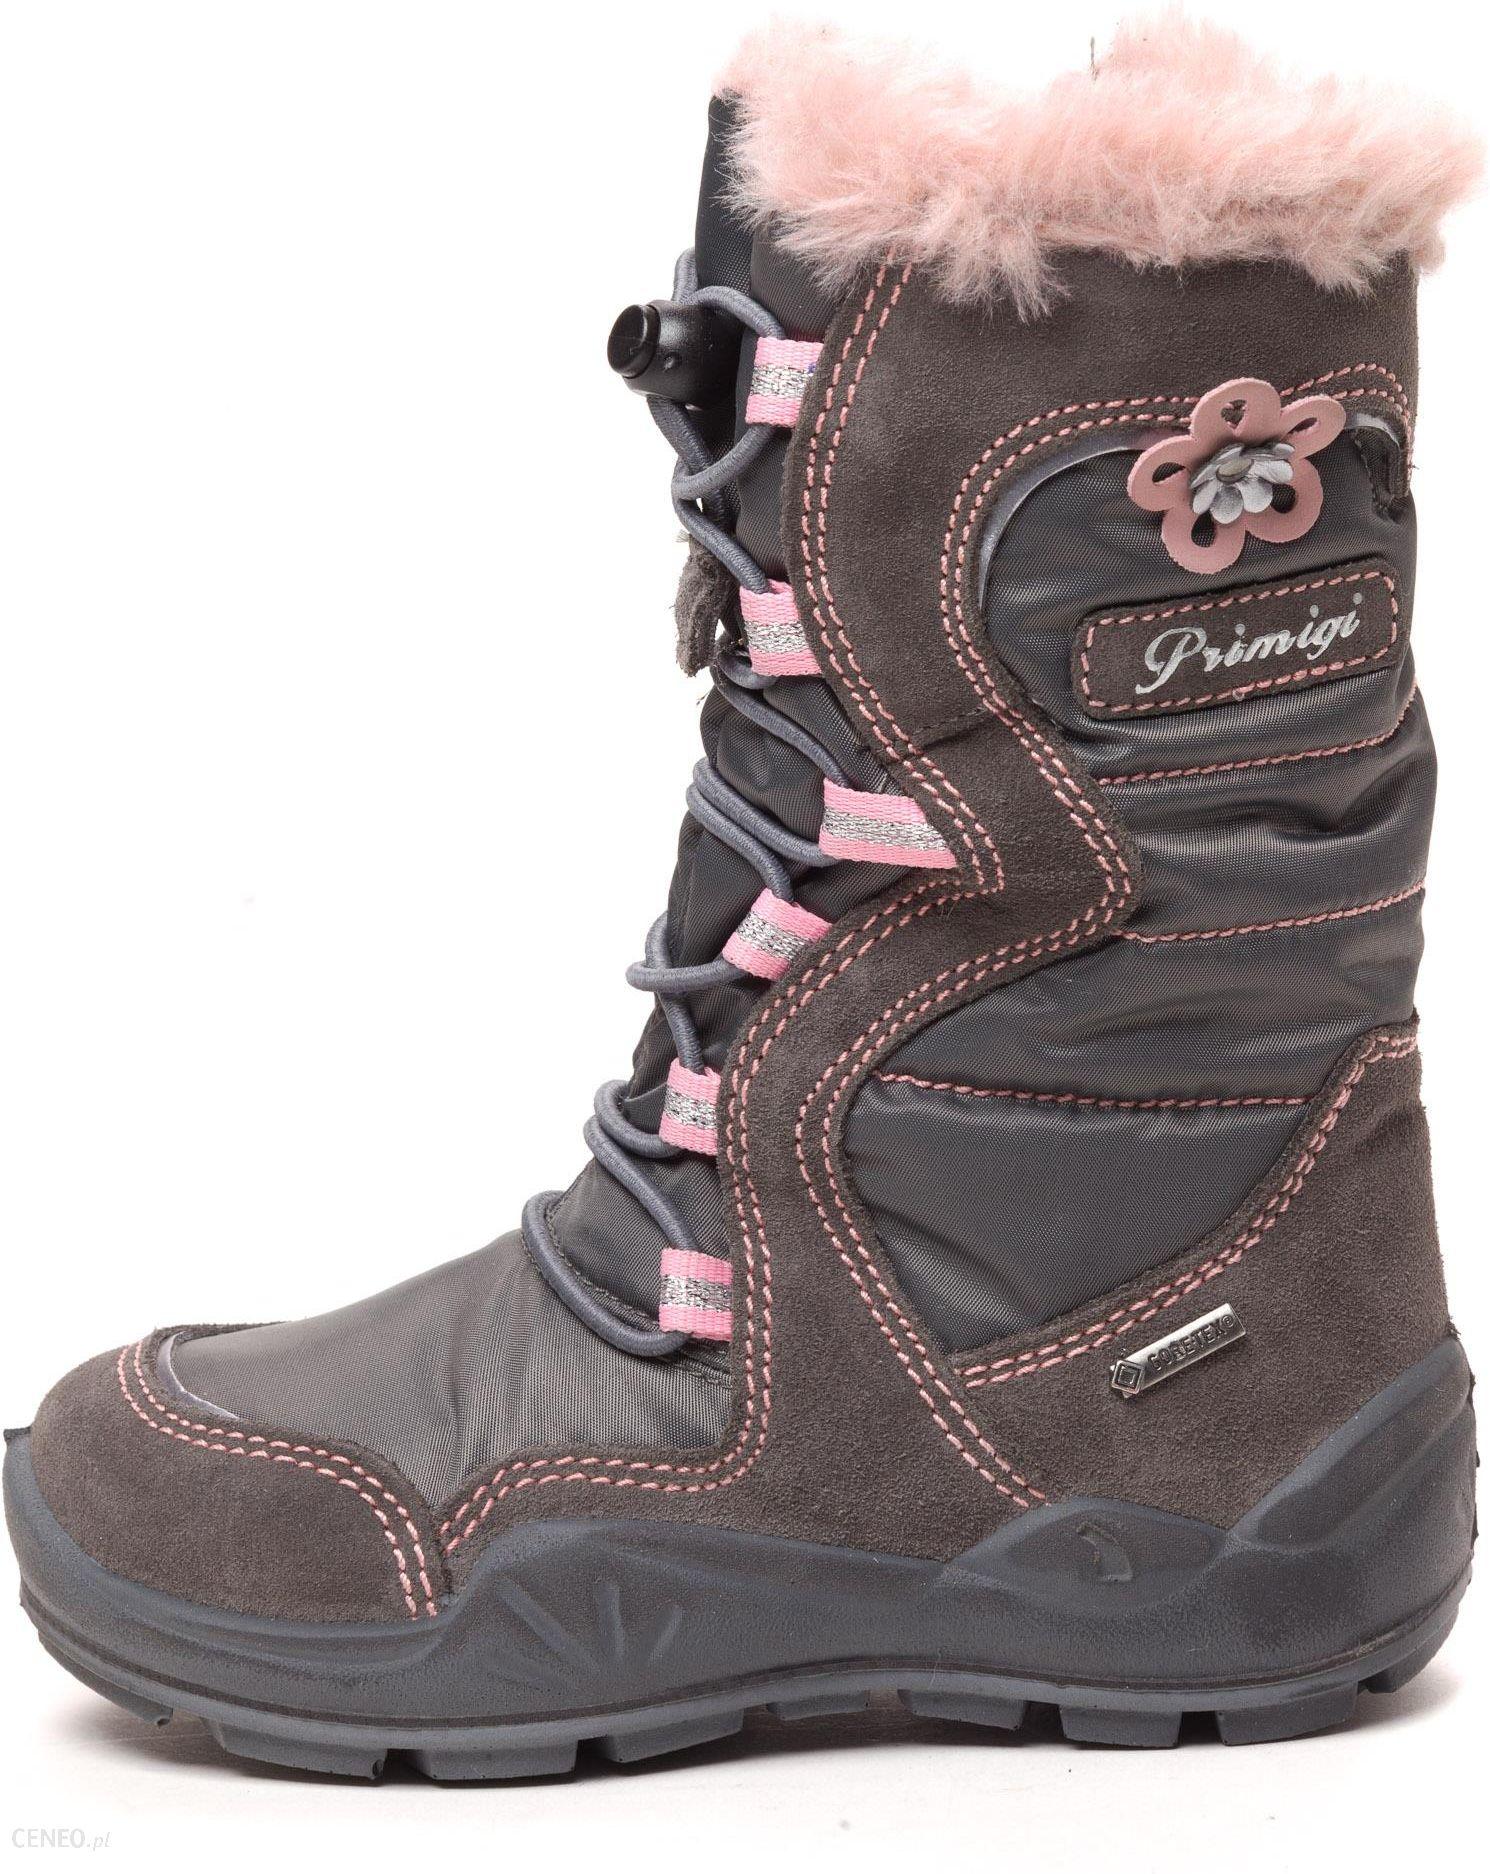 e9cb260f Primigi buty zimowe dziewczęce Osaka 29 szary - Ceny i opinie - Ceneo.pl